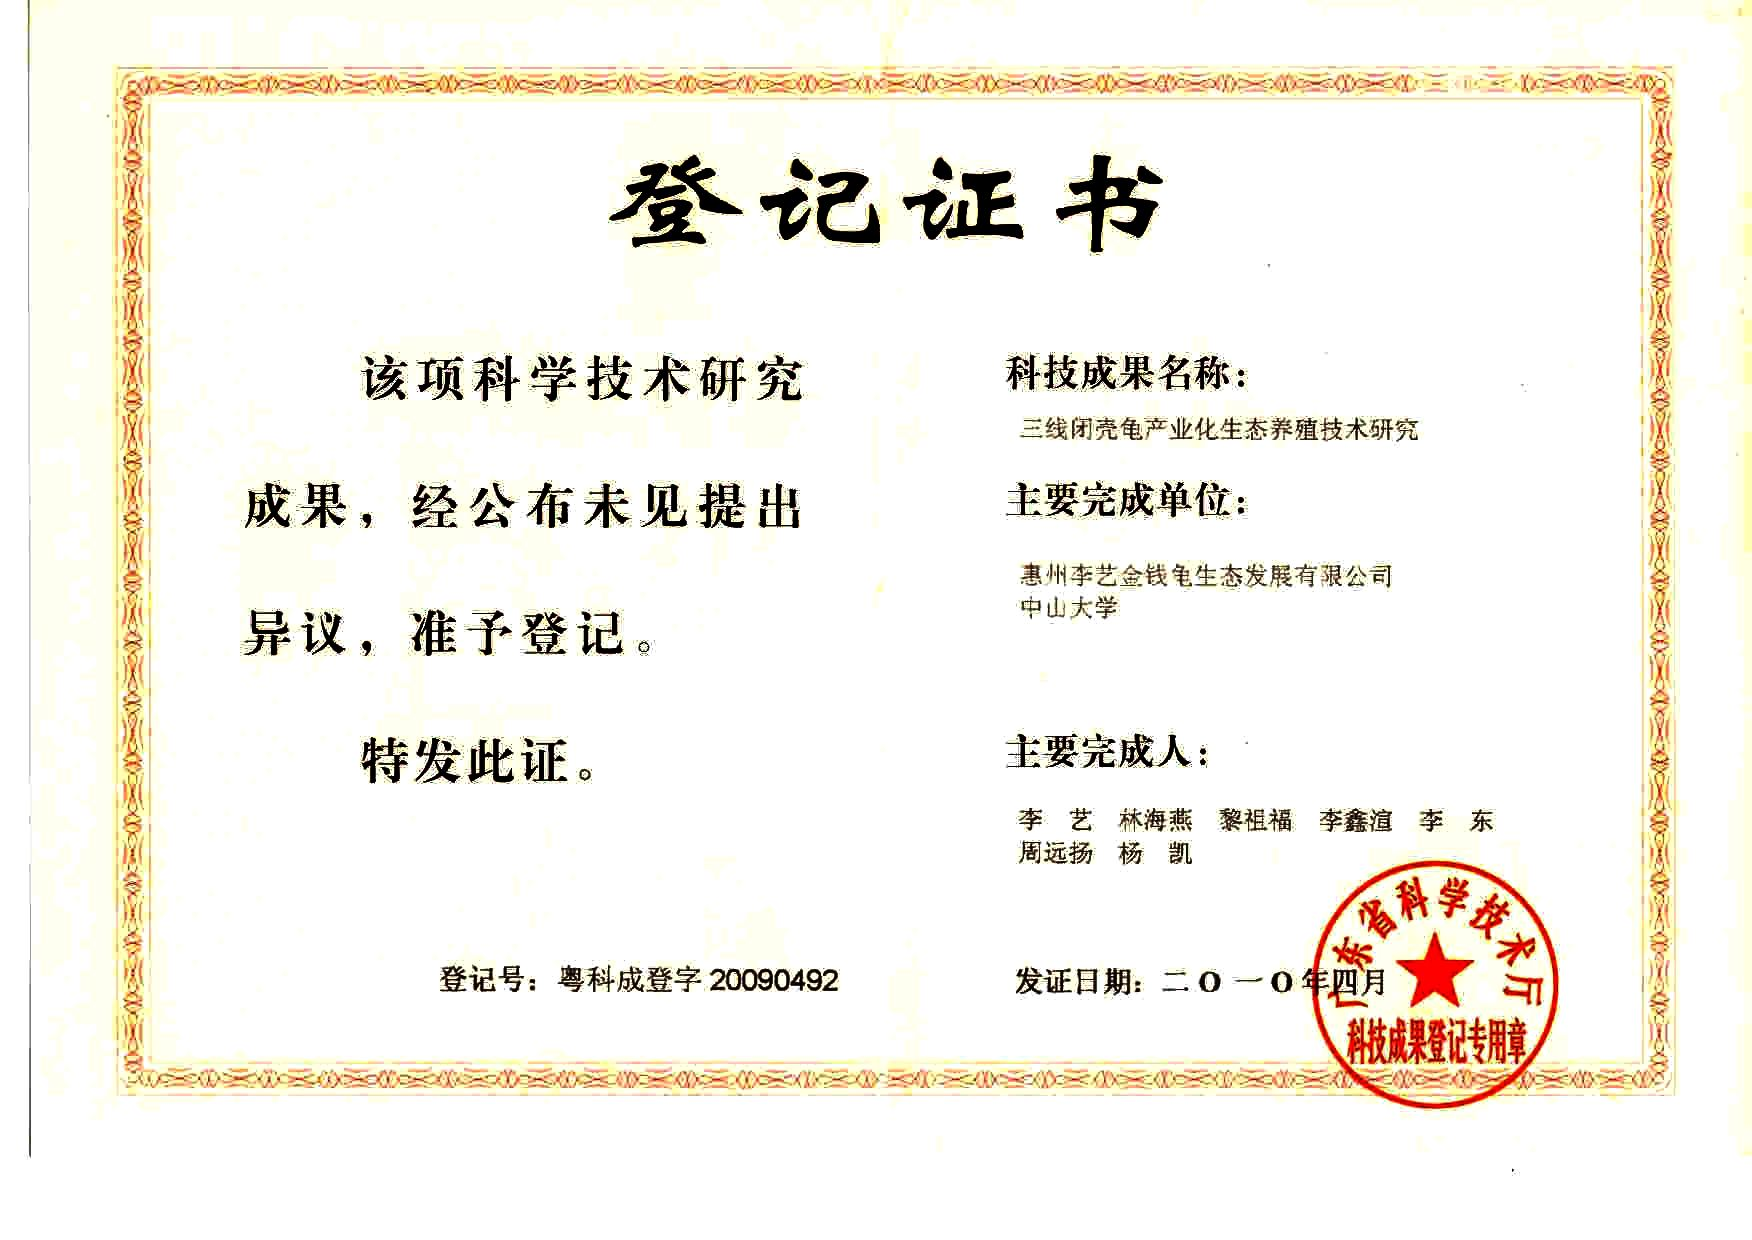 三線閉殼龜產業化生態養殖技術研究科技成果登記證書